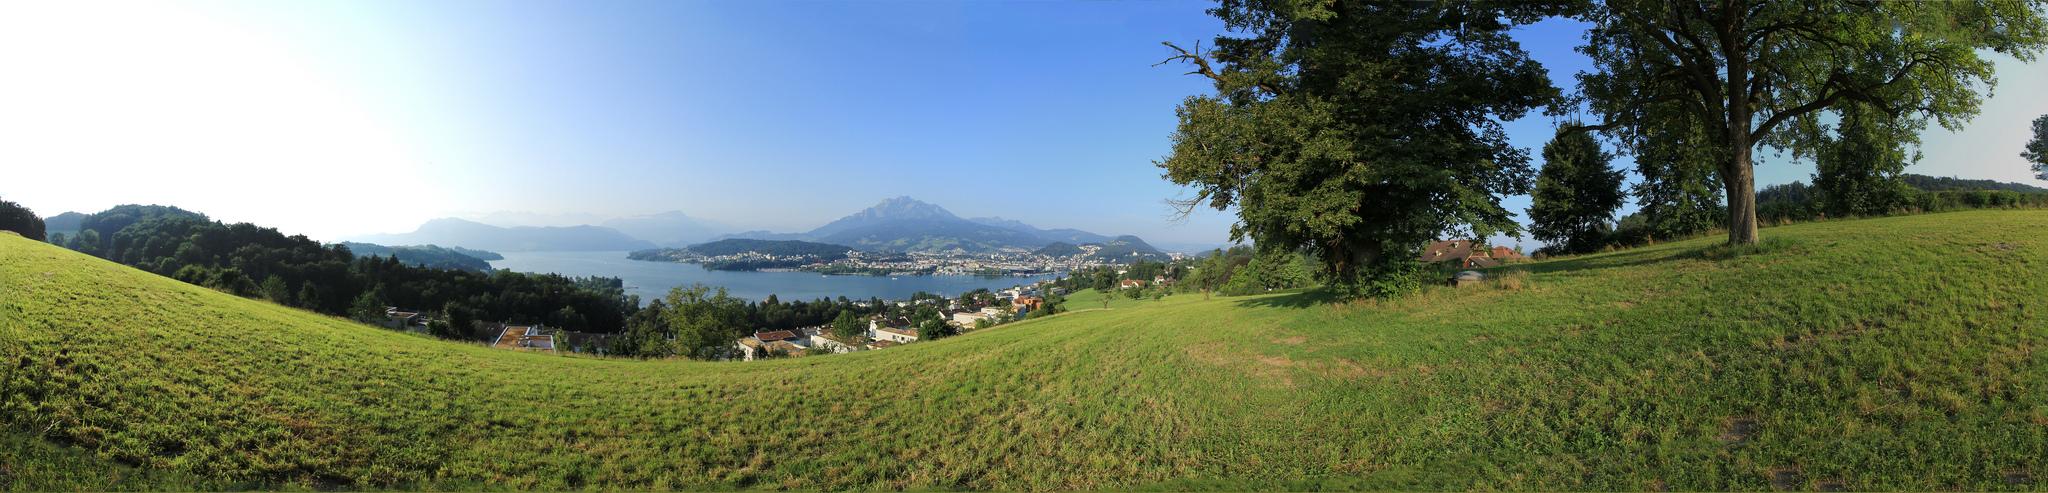 Luzerner Seebecken mit Luzern und Pilatus